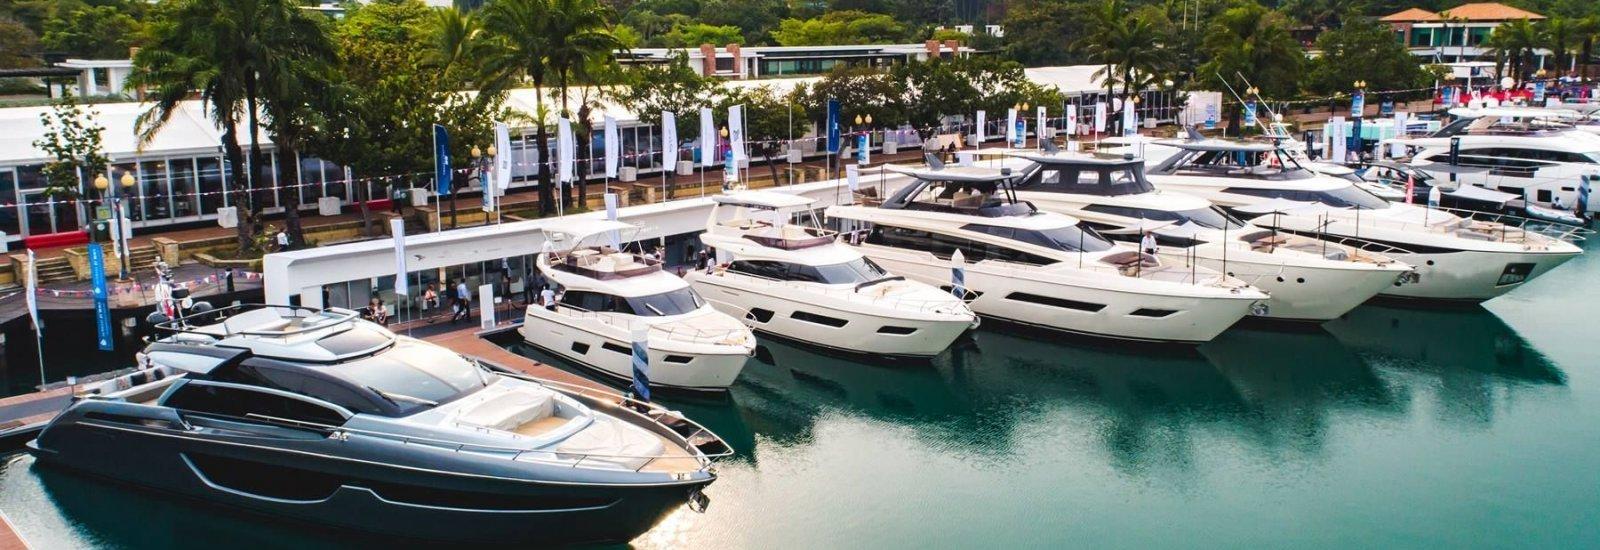 JMA Yachting Port Fréjus Vente Location Bateaux neufs Ferretti Group - Ferretti Yachts et occasions places de port